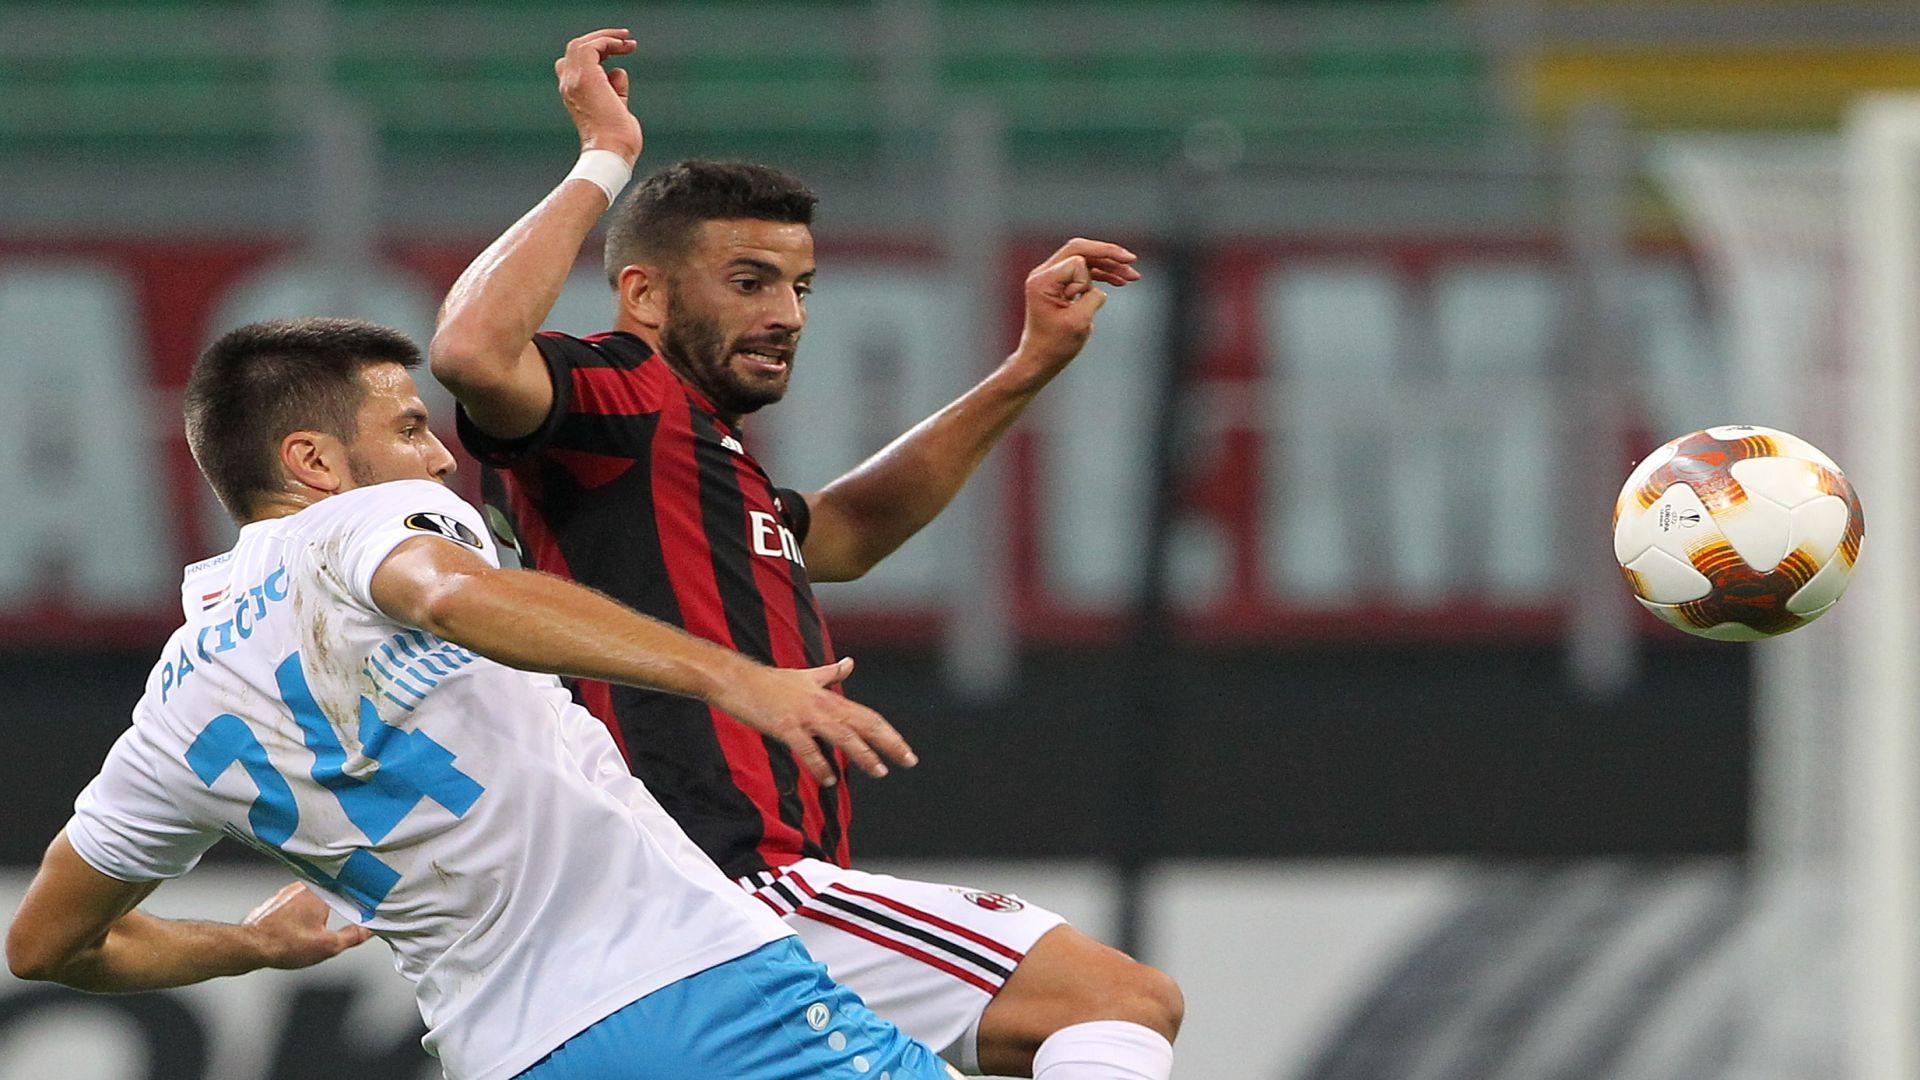 Mateo Musacchio Milan Rijeka